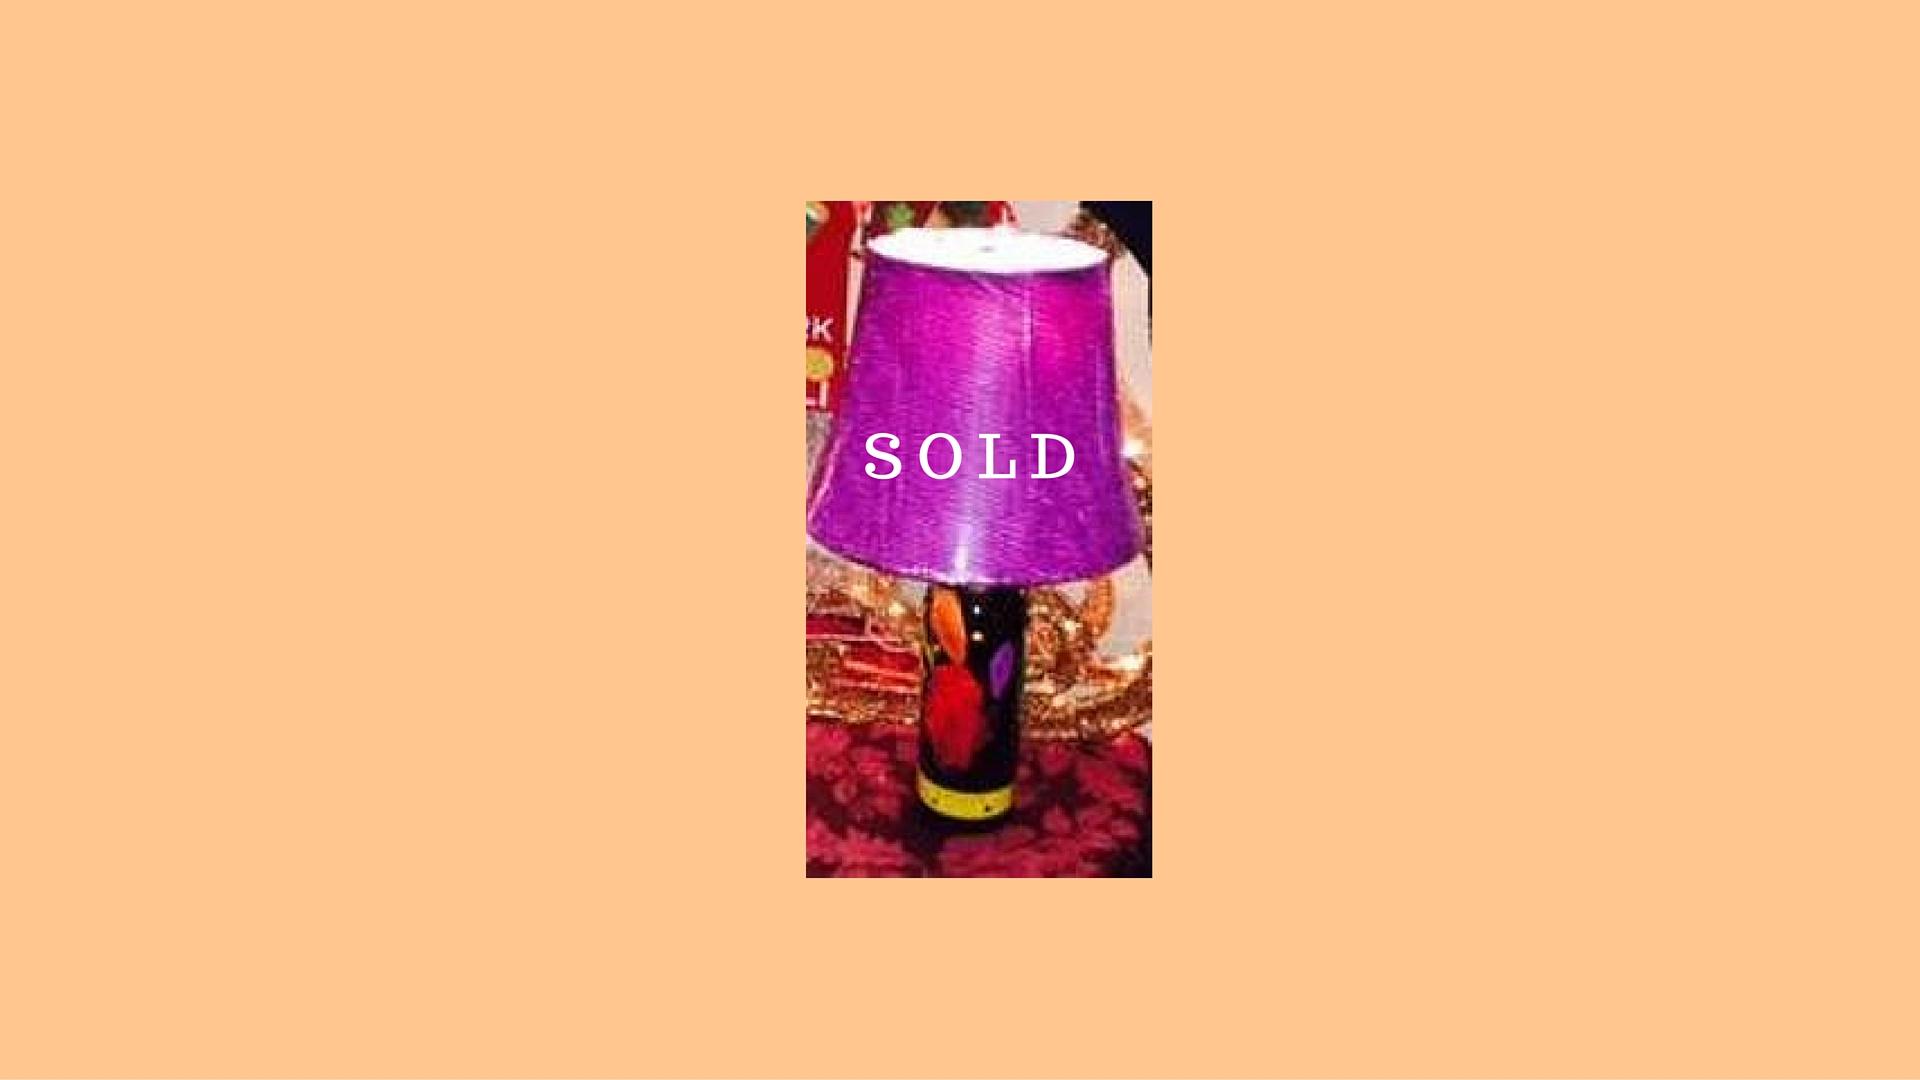 Wine Lamp Meeker Merlot $75 - SOLD